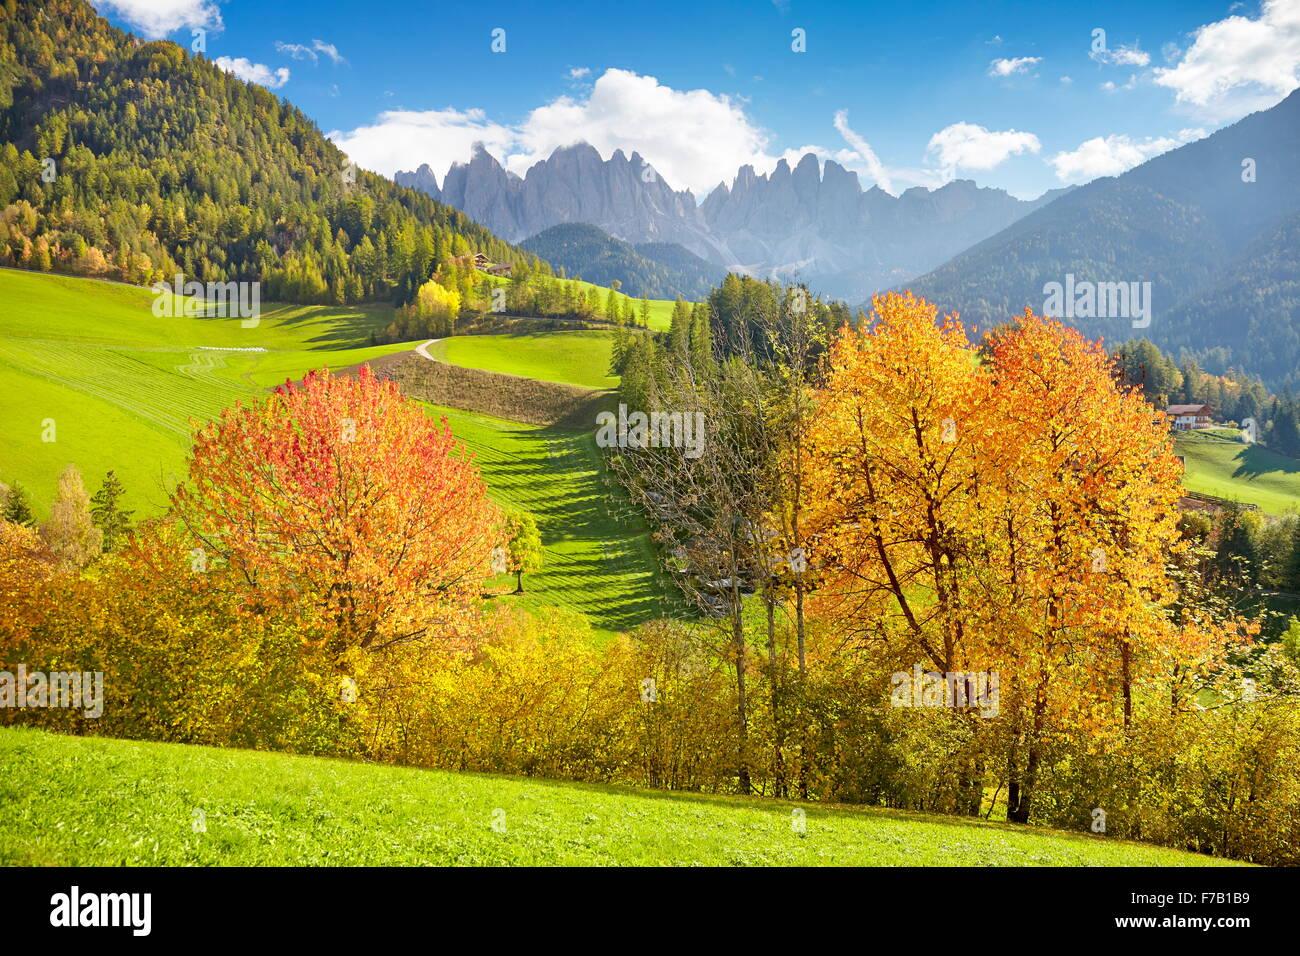 Val di Funes in autunno a colori, Dolomiti, Alto Adige, Alpi, Italia Immagini Stock